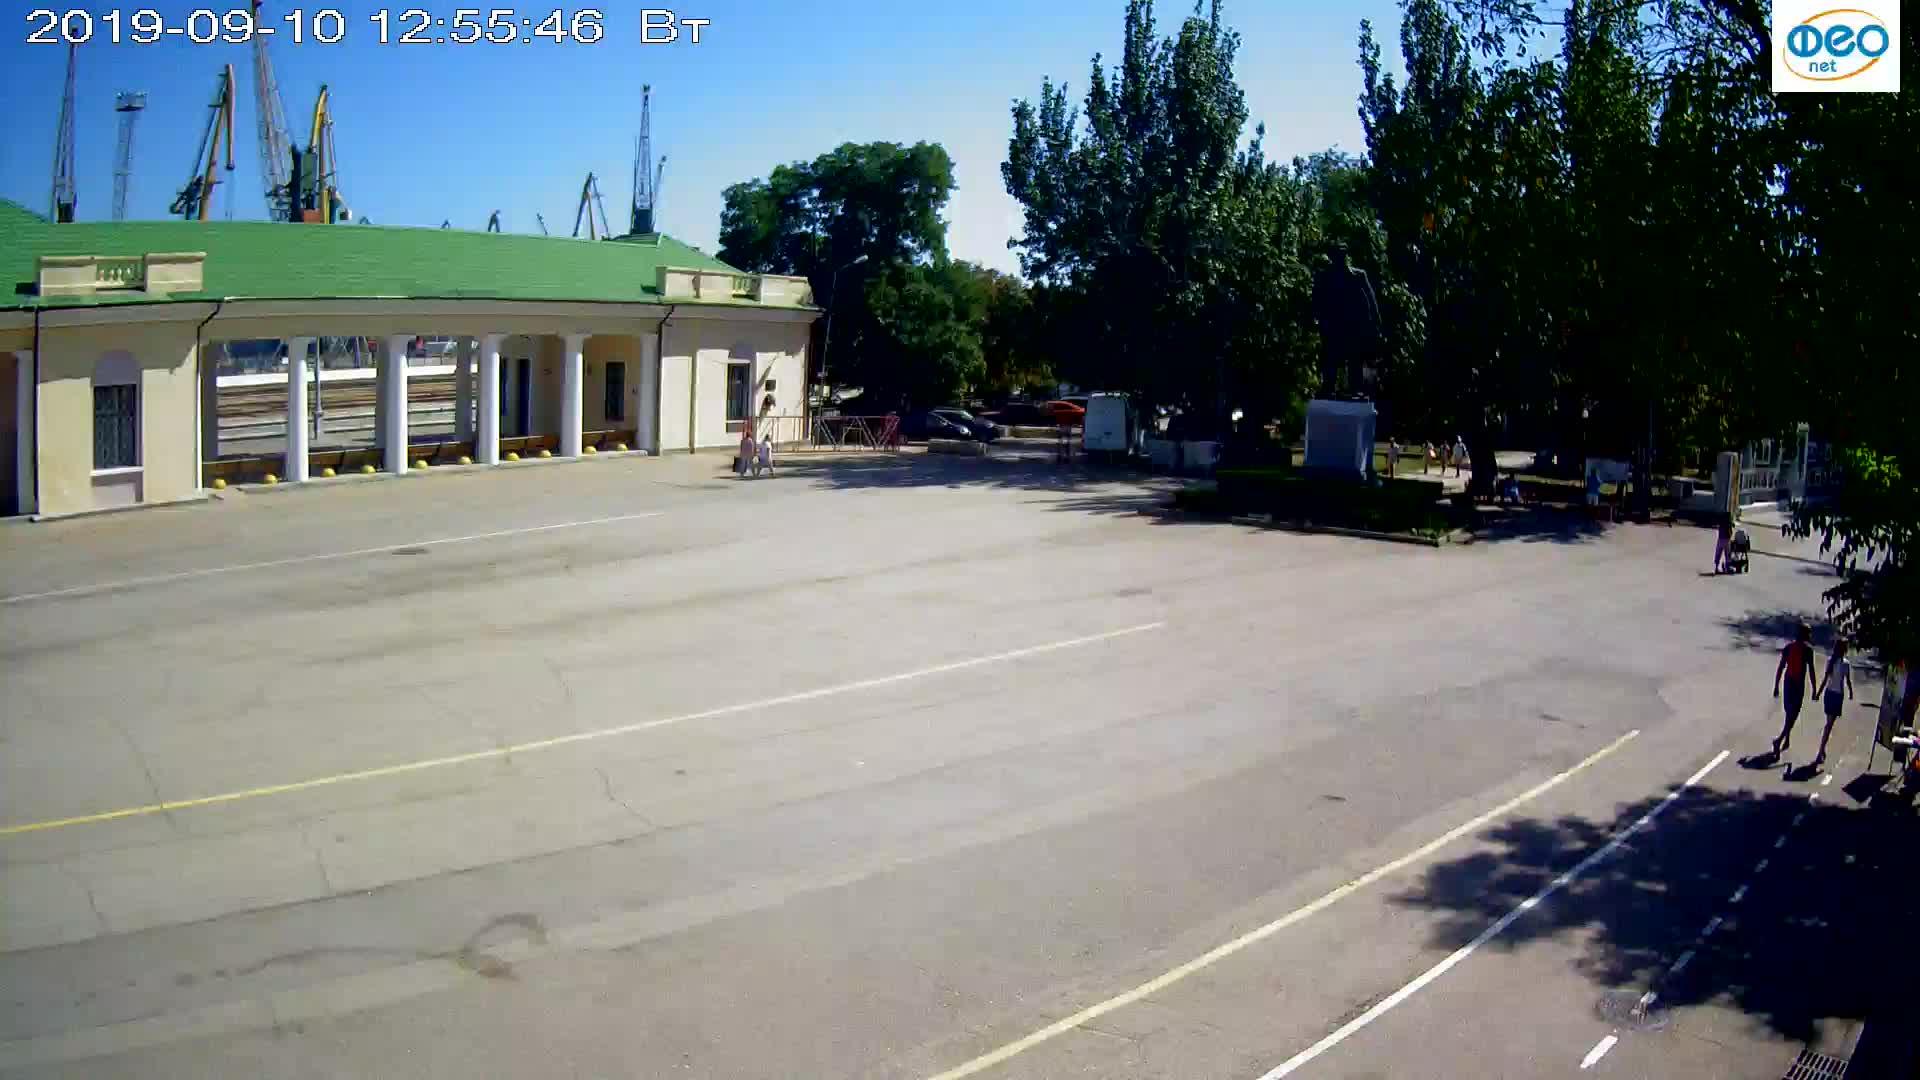 Веб-камеры Феодосии, Привокзальная площадь 2, 2019-09-10 12:43:12